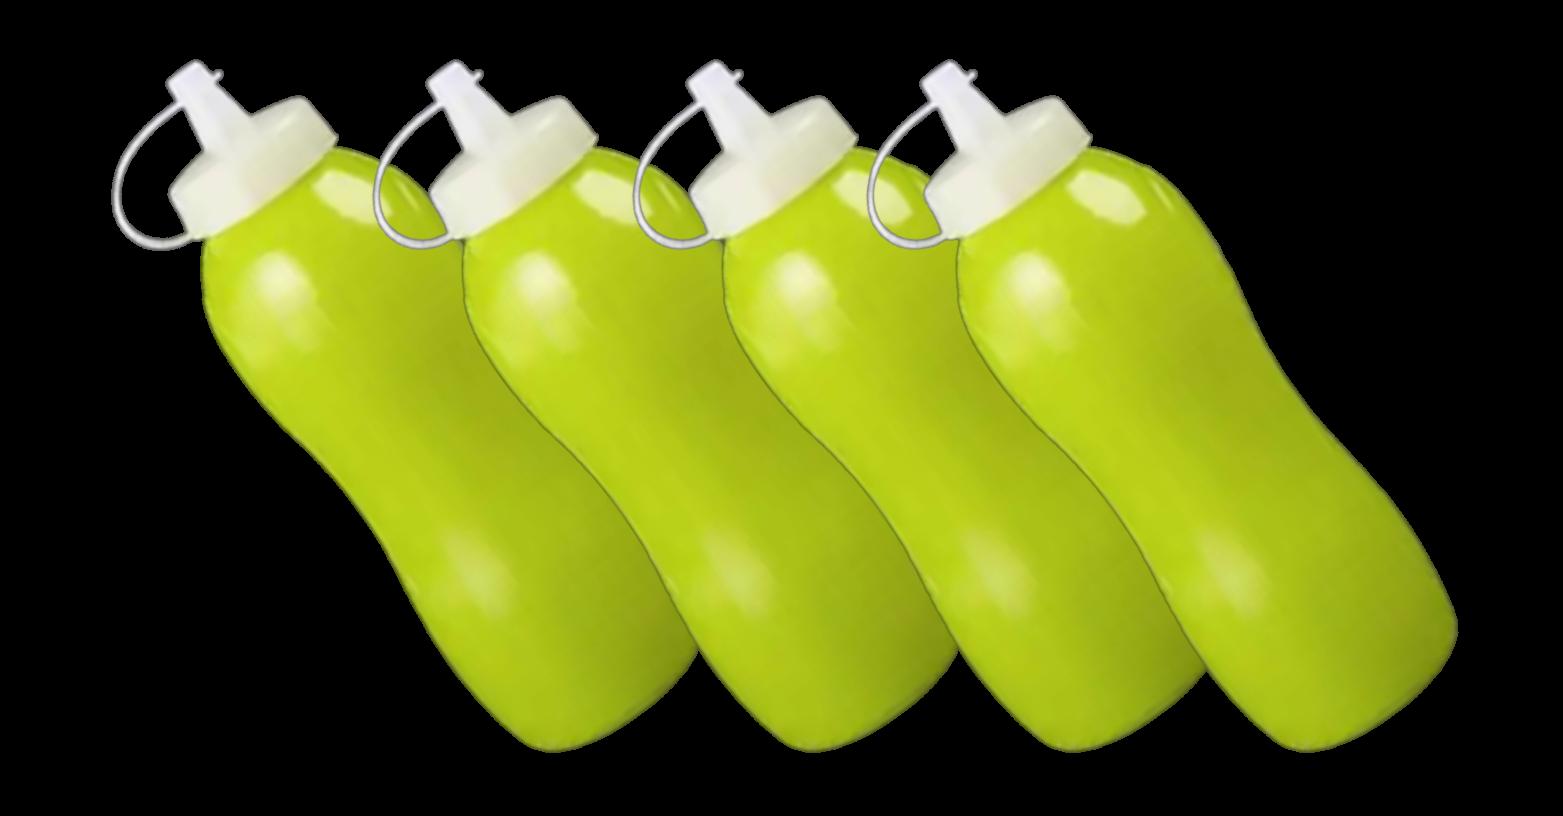 Suqeeze Bottles